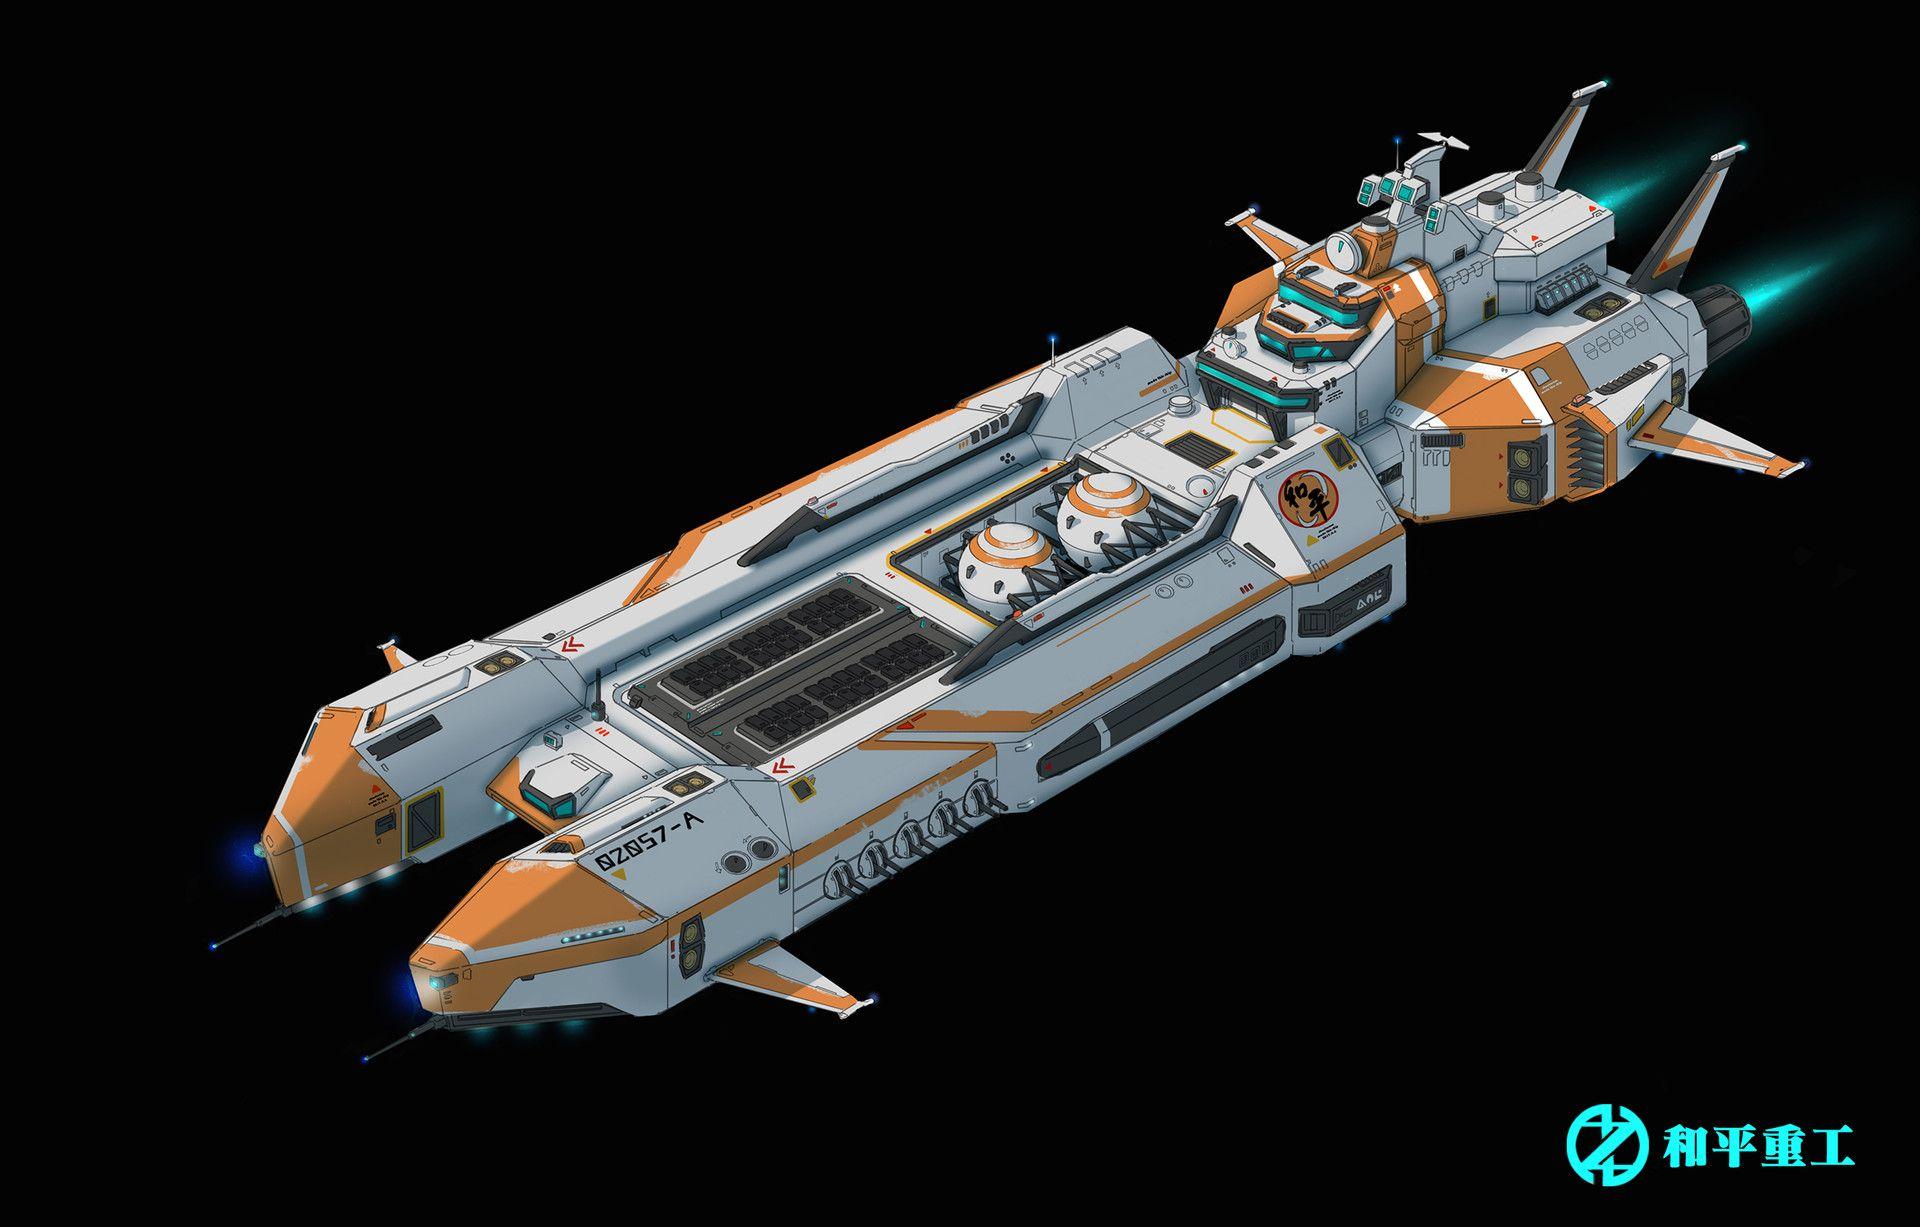 ArtStation scifi ship design, Shantaram 05